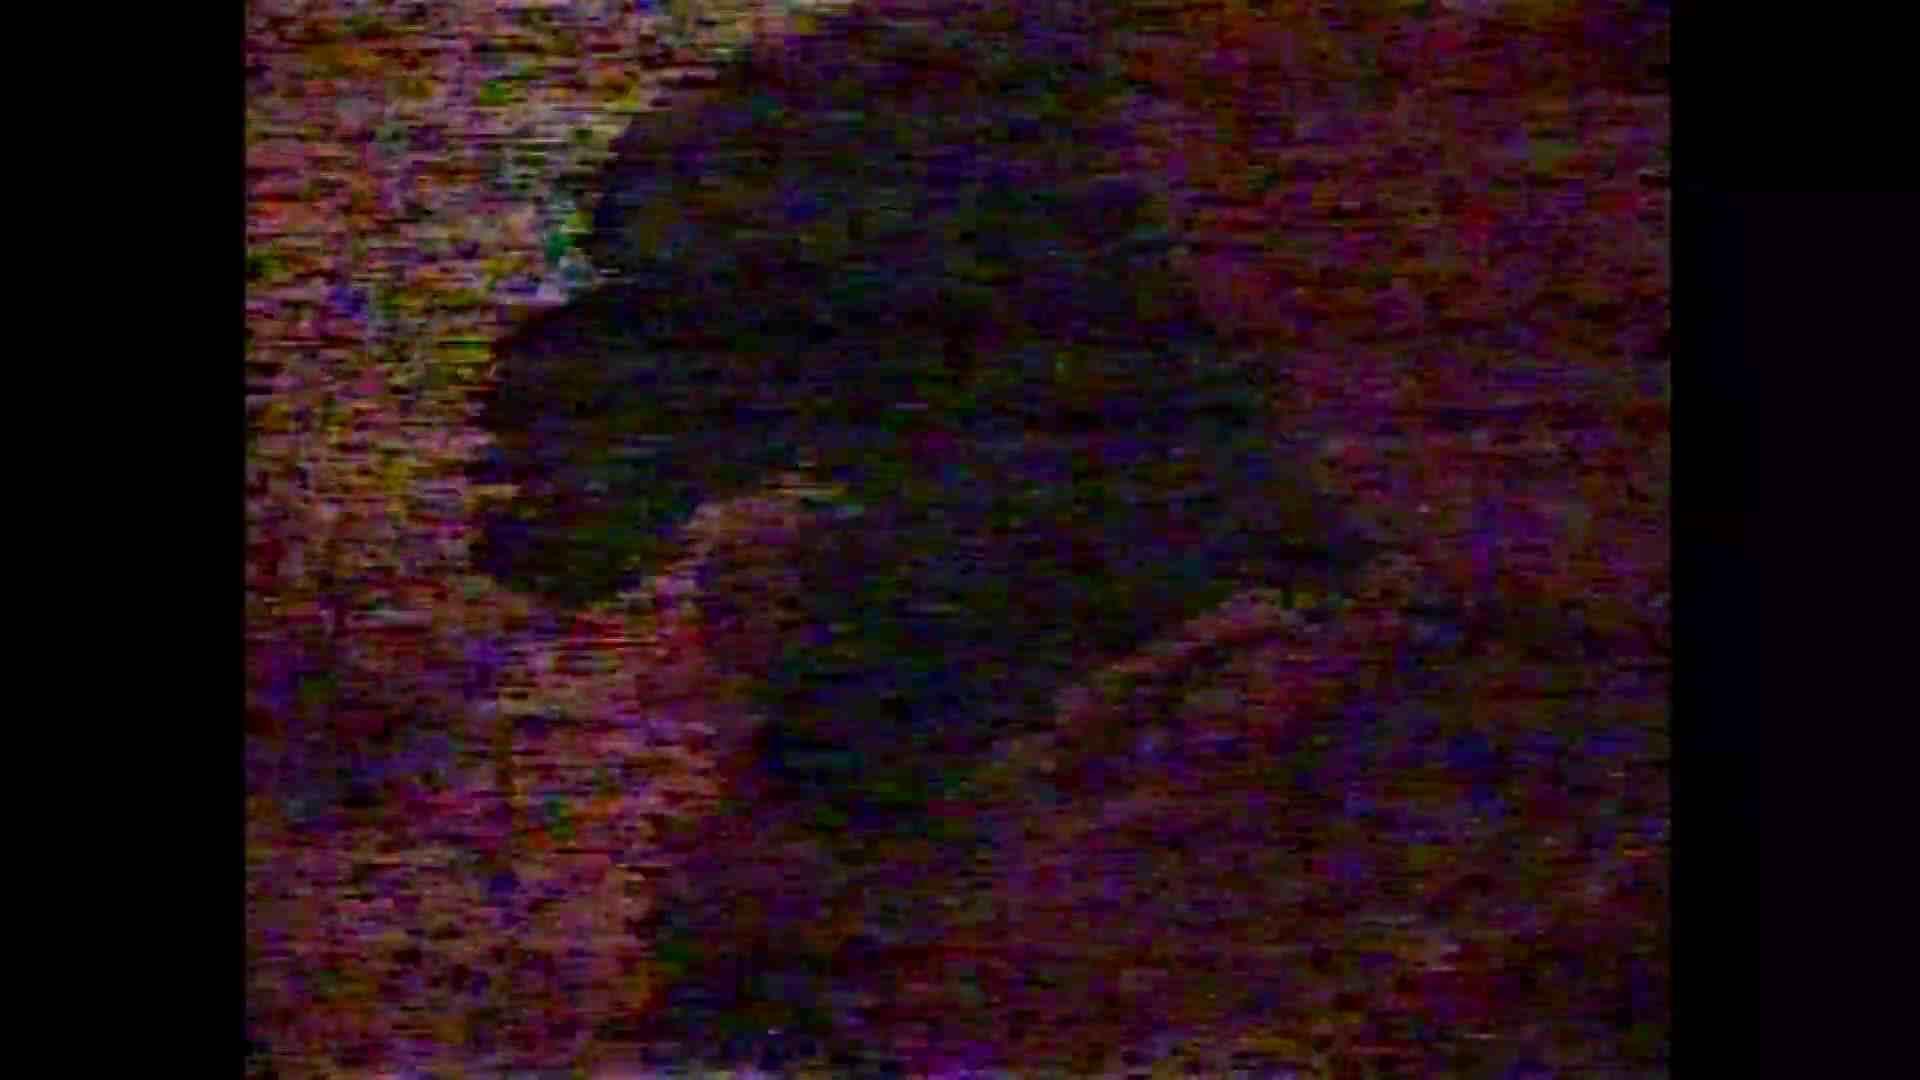 レース場での秘め事 Vol.05 潜入 のぞき動画キャプチャ 80pic 34